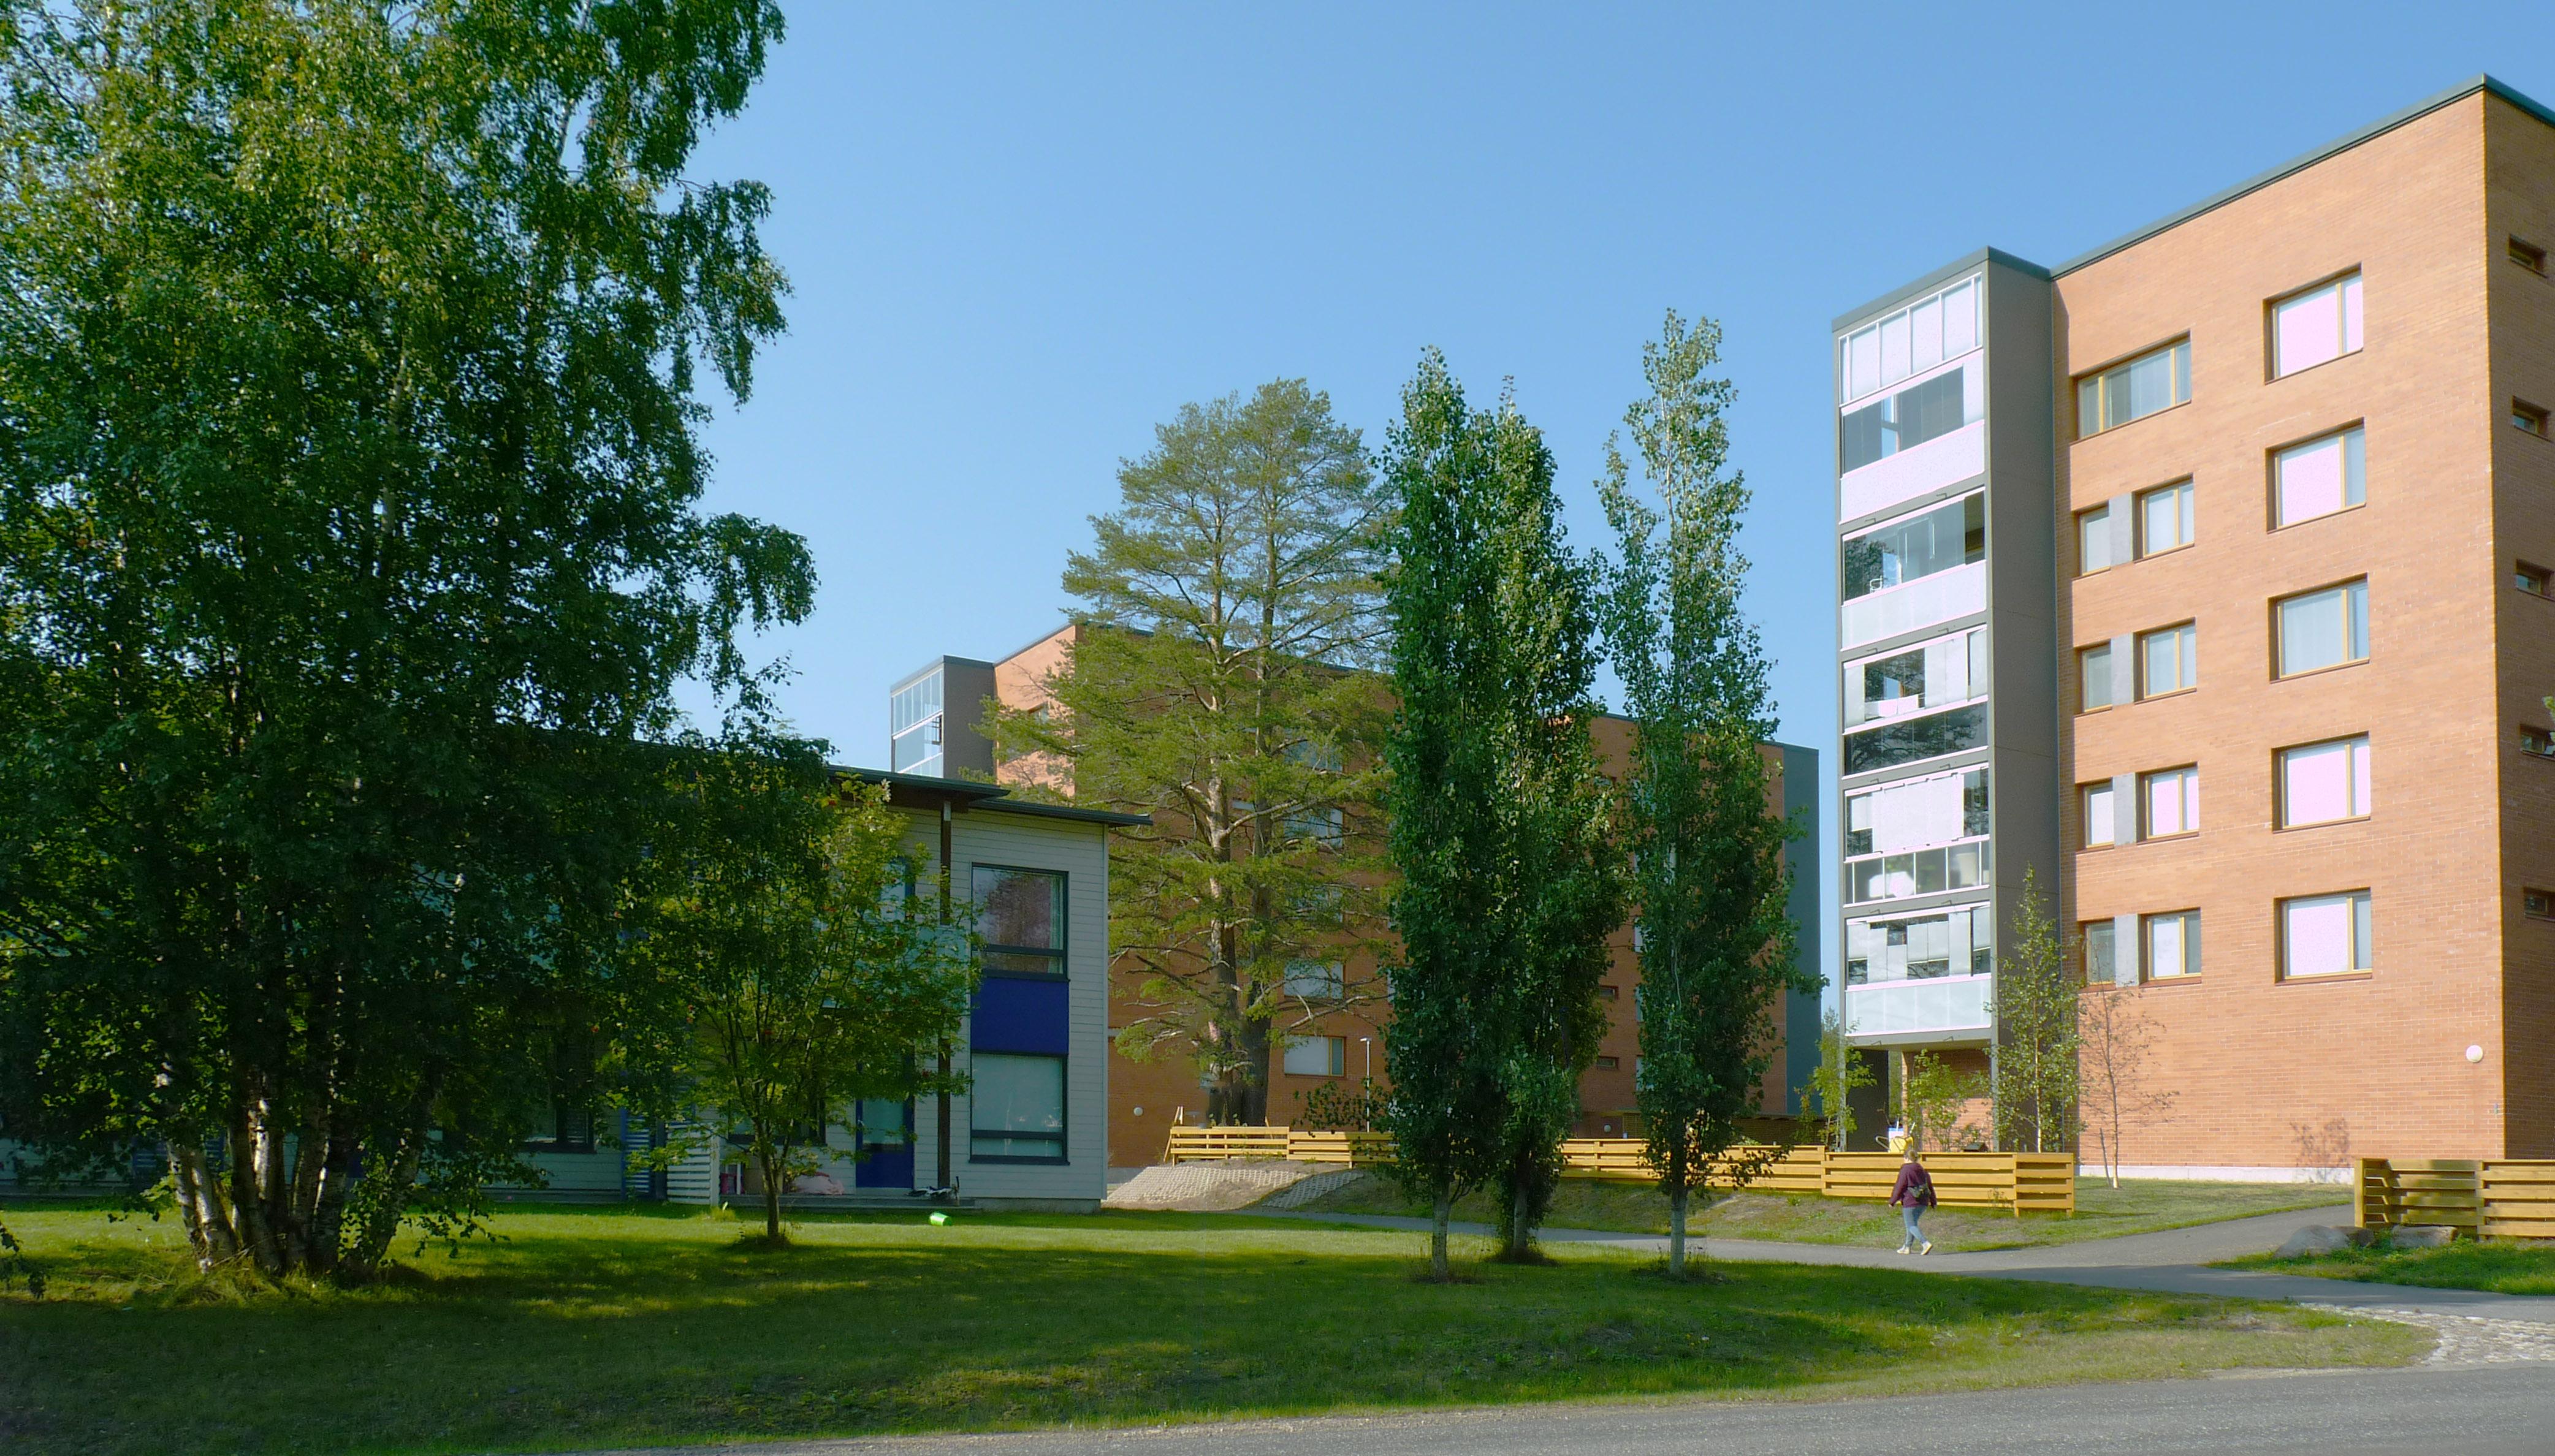 Näkymä Ollakantieltä kerrostalojen ja luhtitalojen suuntaan. Näkymässä myös puustoa, nurmea ja kävelytie.